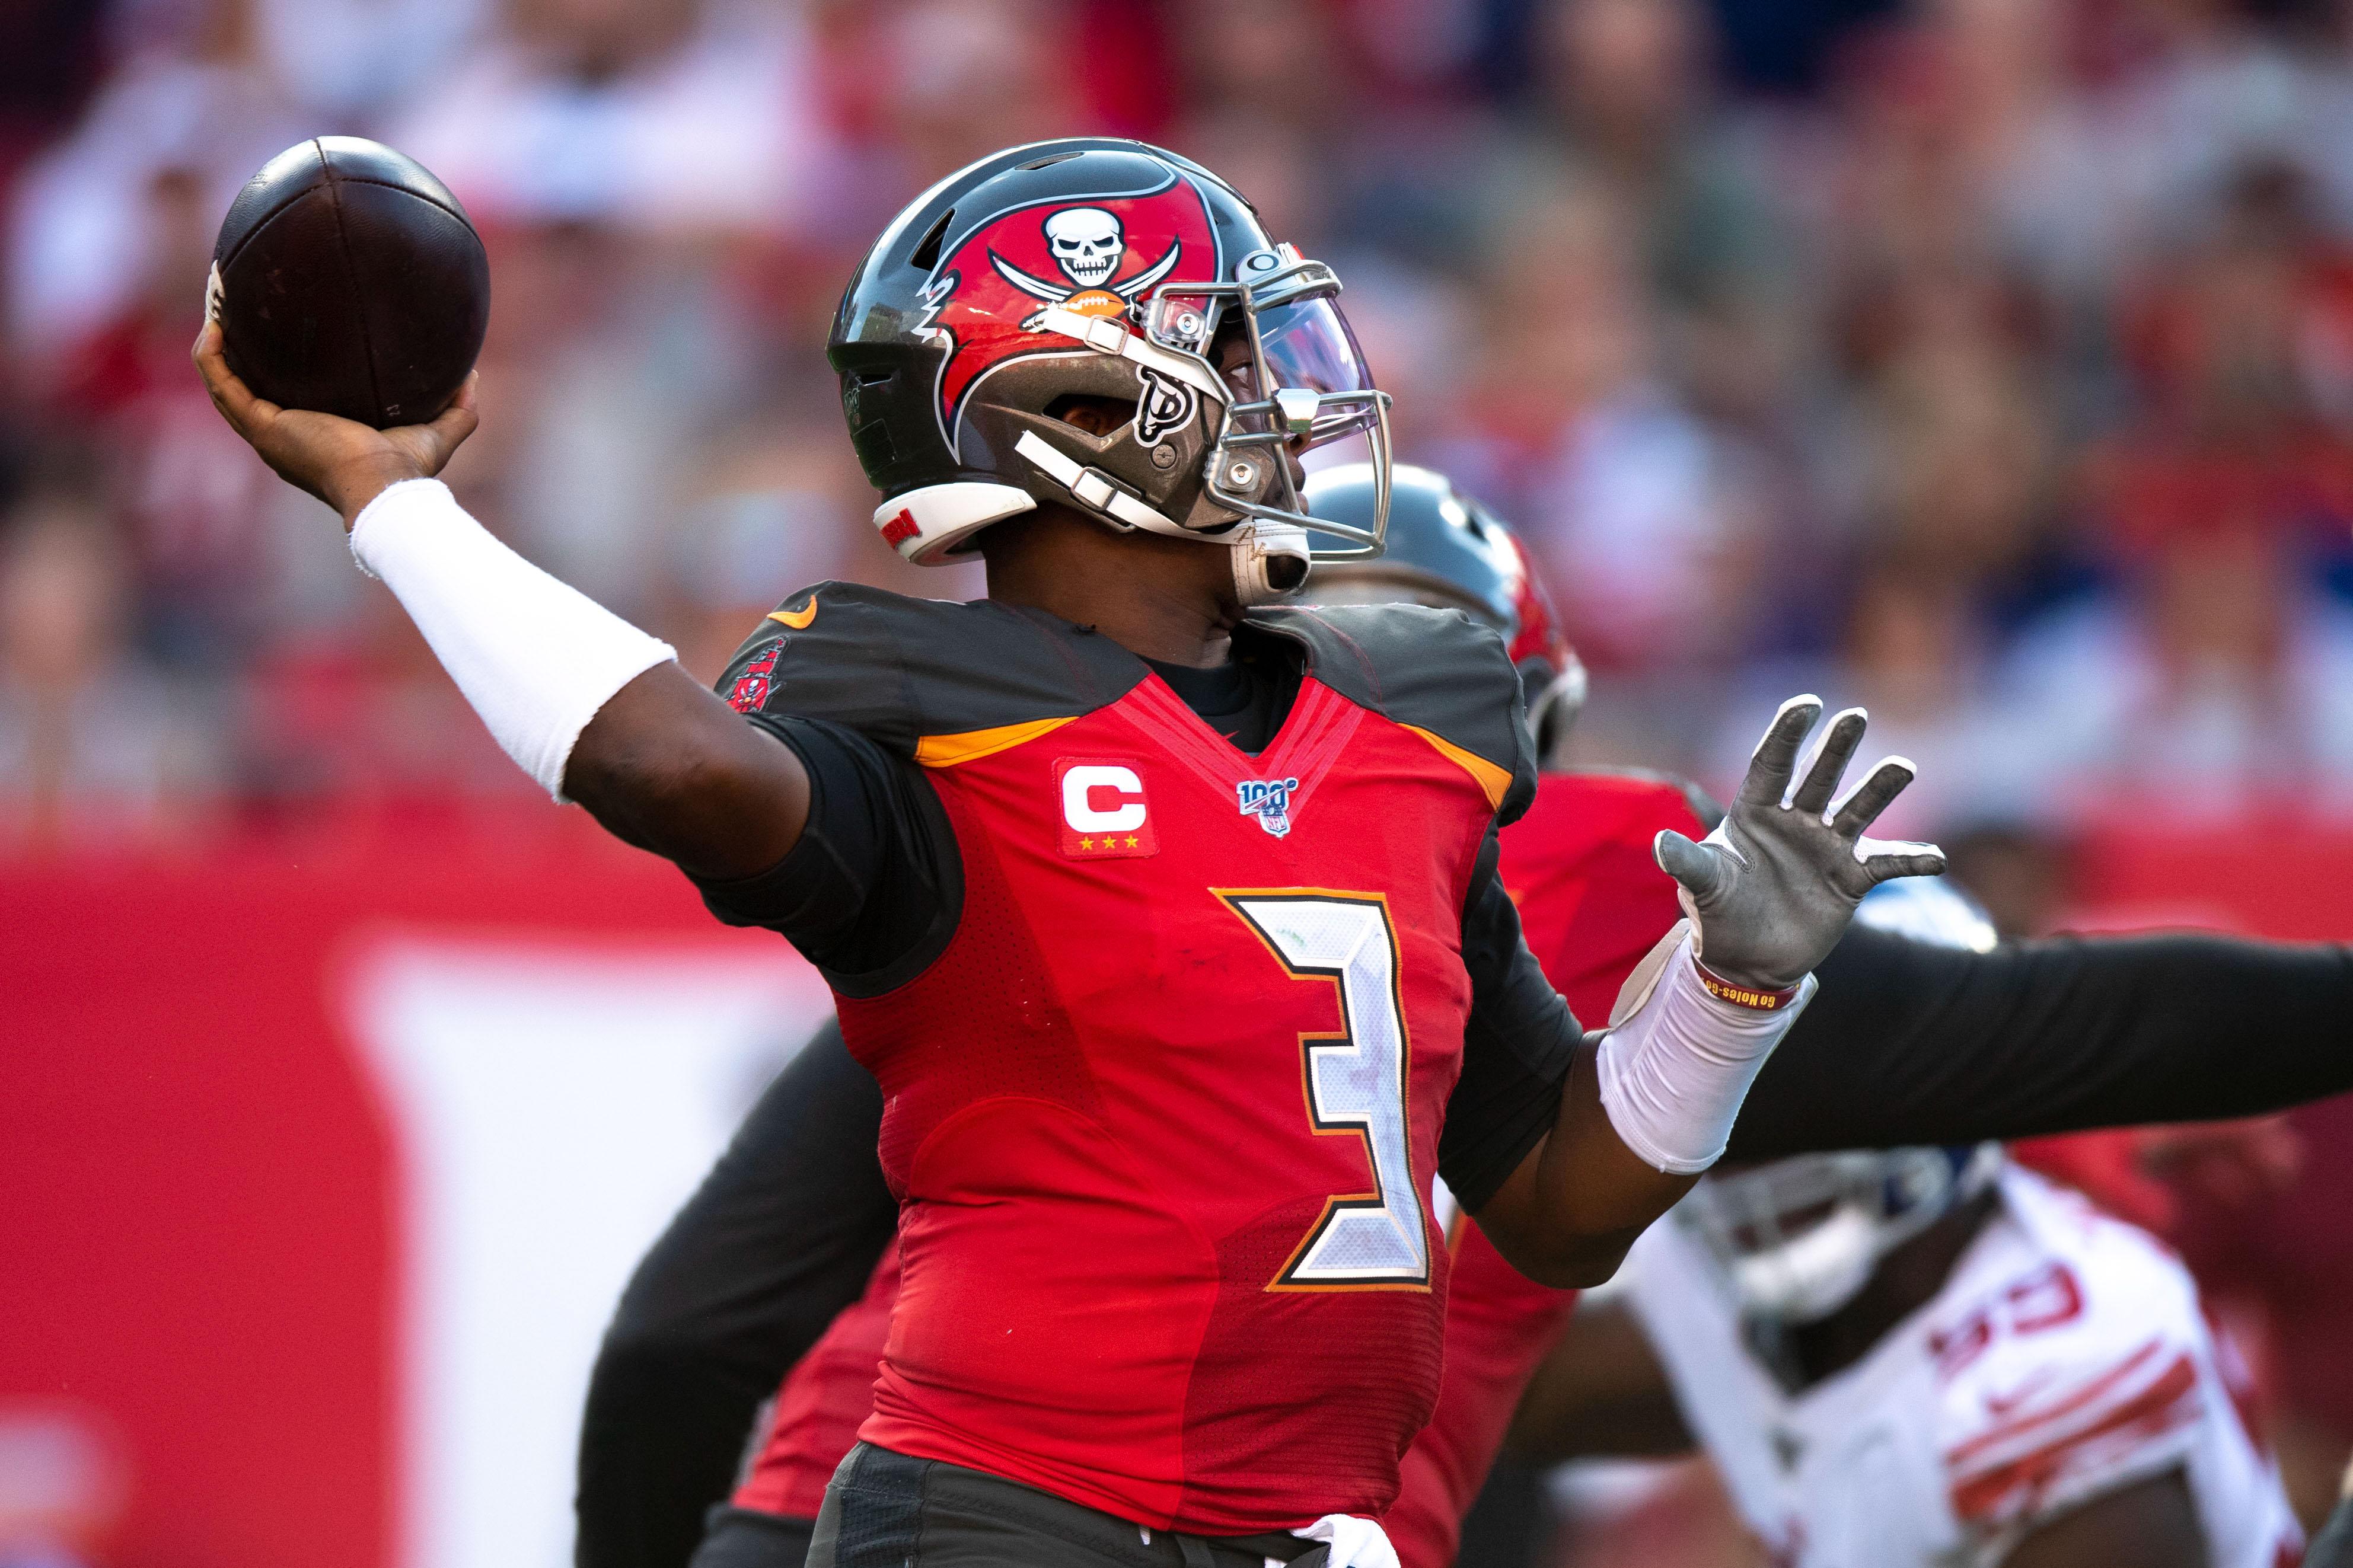 Top five NFL performers in Week 4